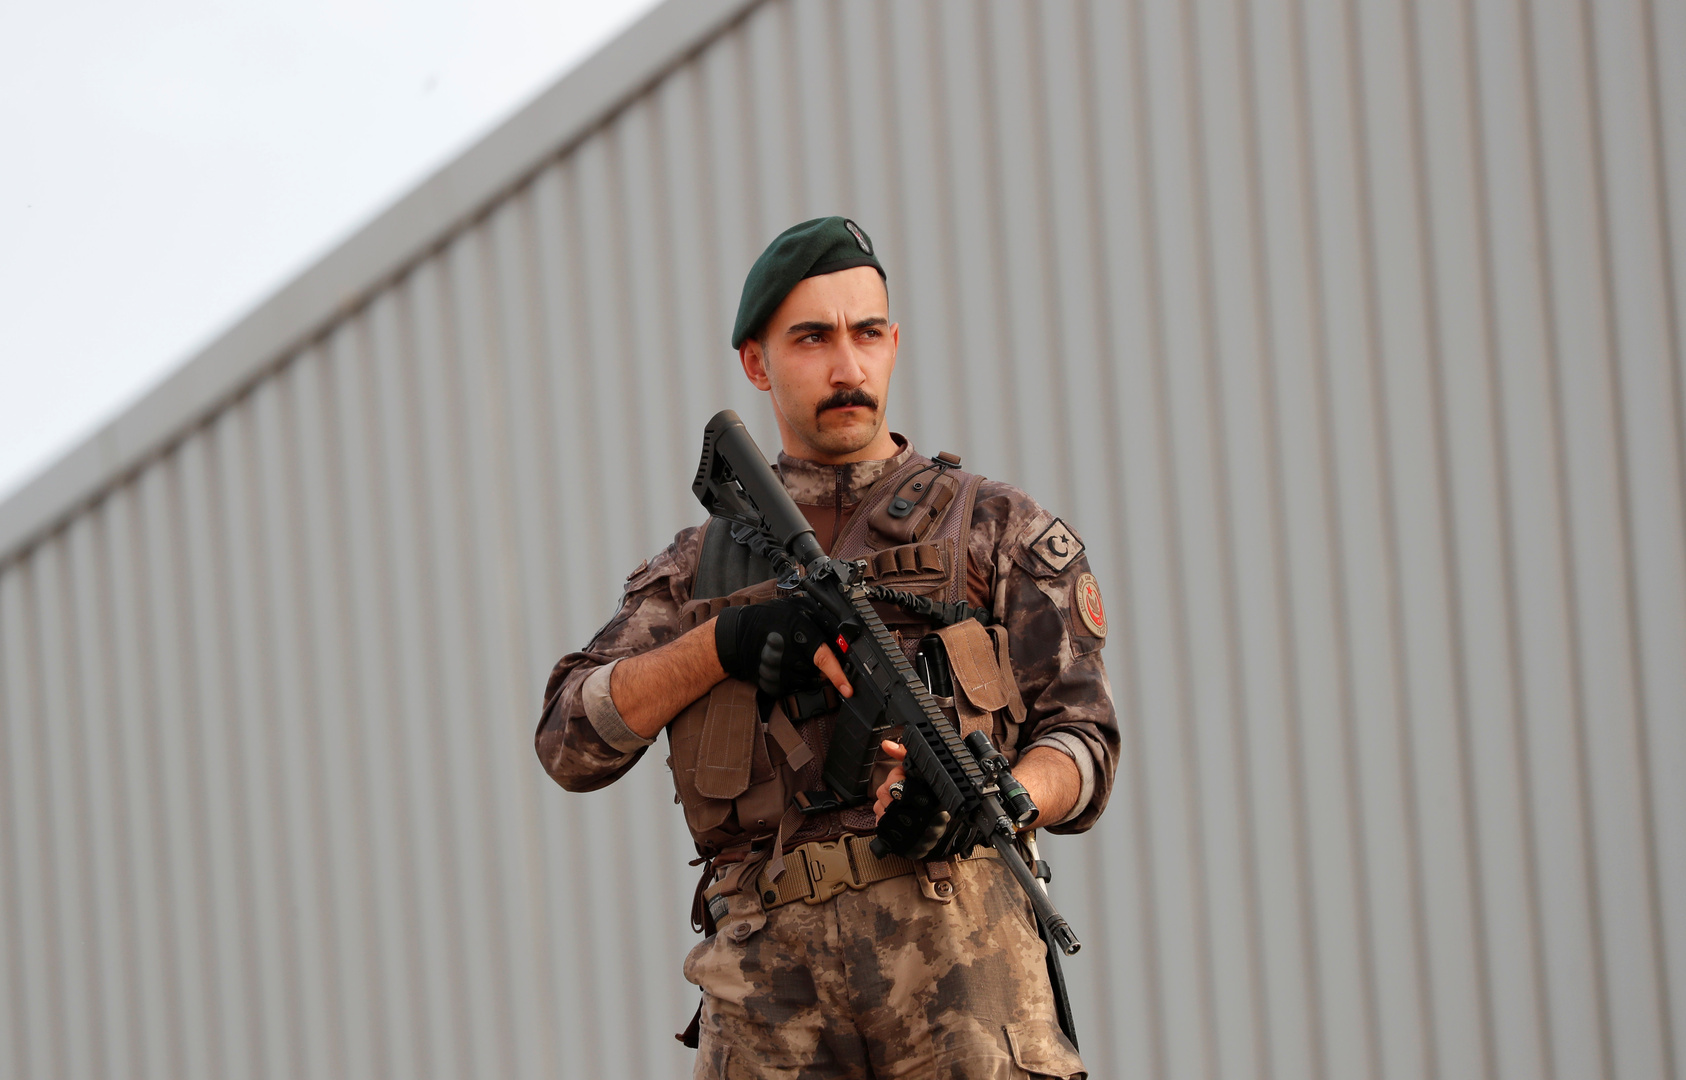 الاستخبارات التركية: تحييد عنصرين من حزب العمال الكردستاني شمال العراق